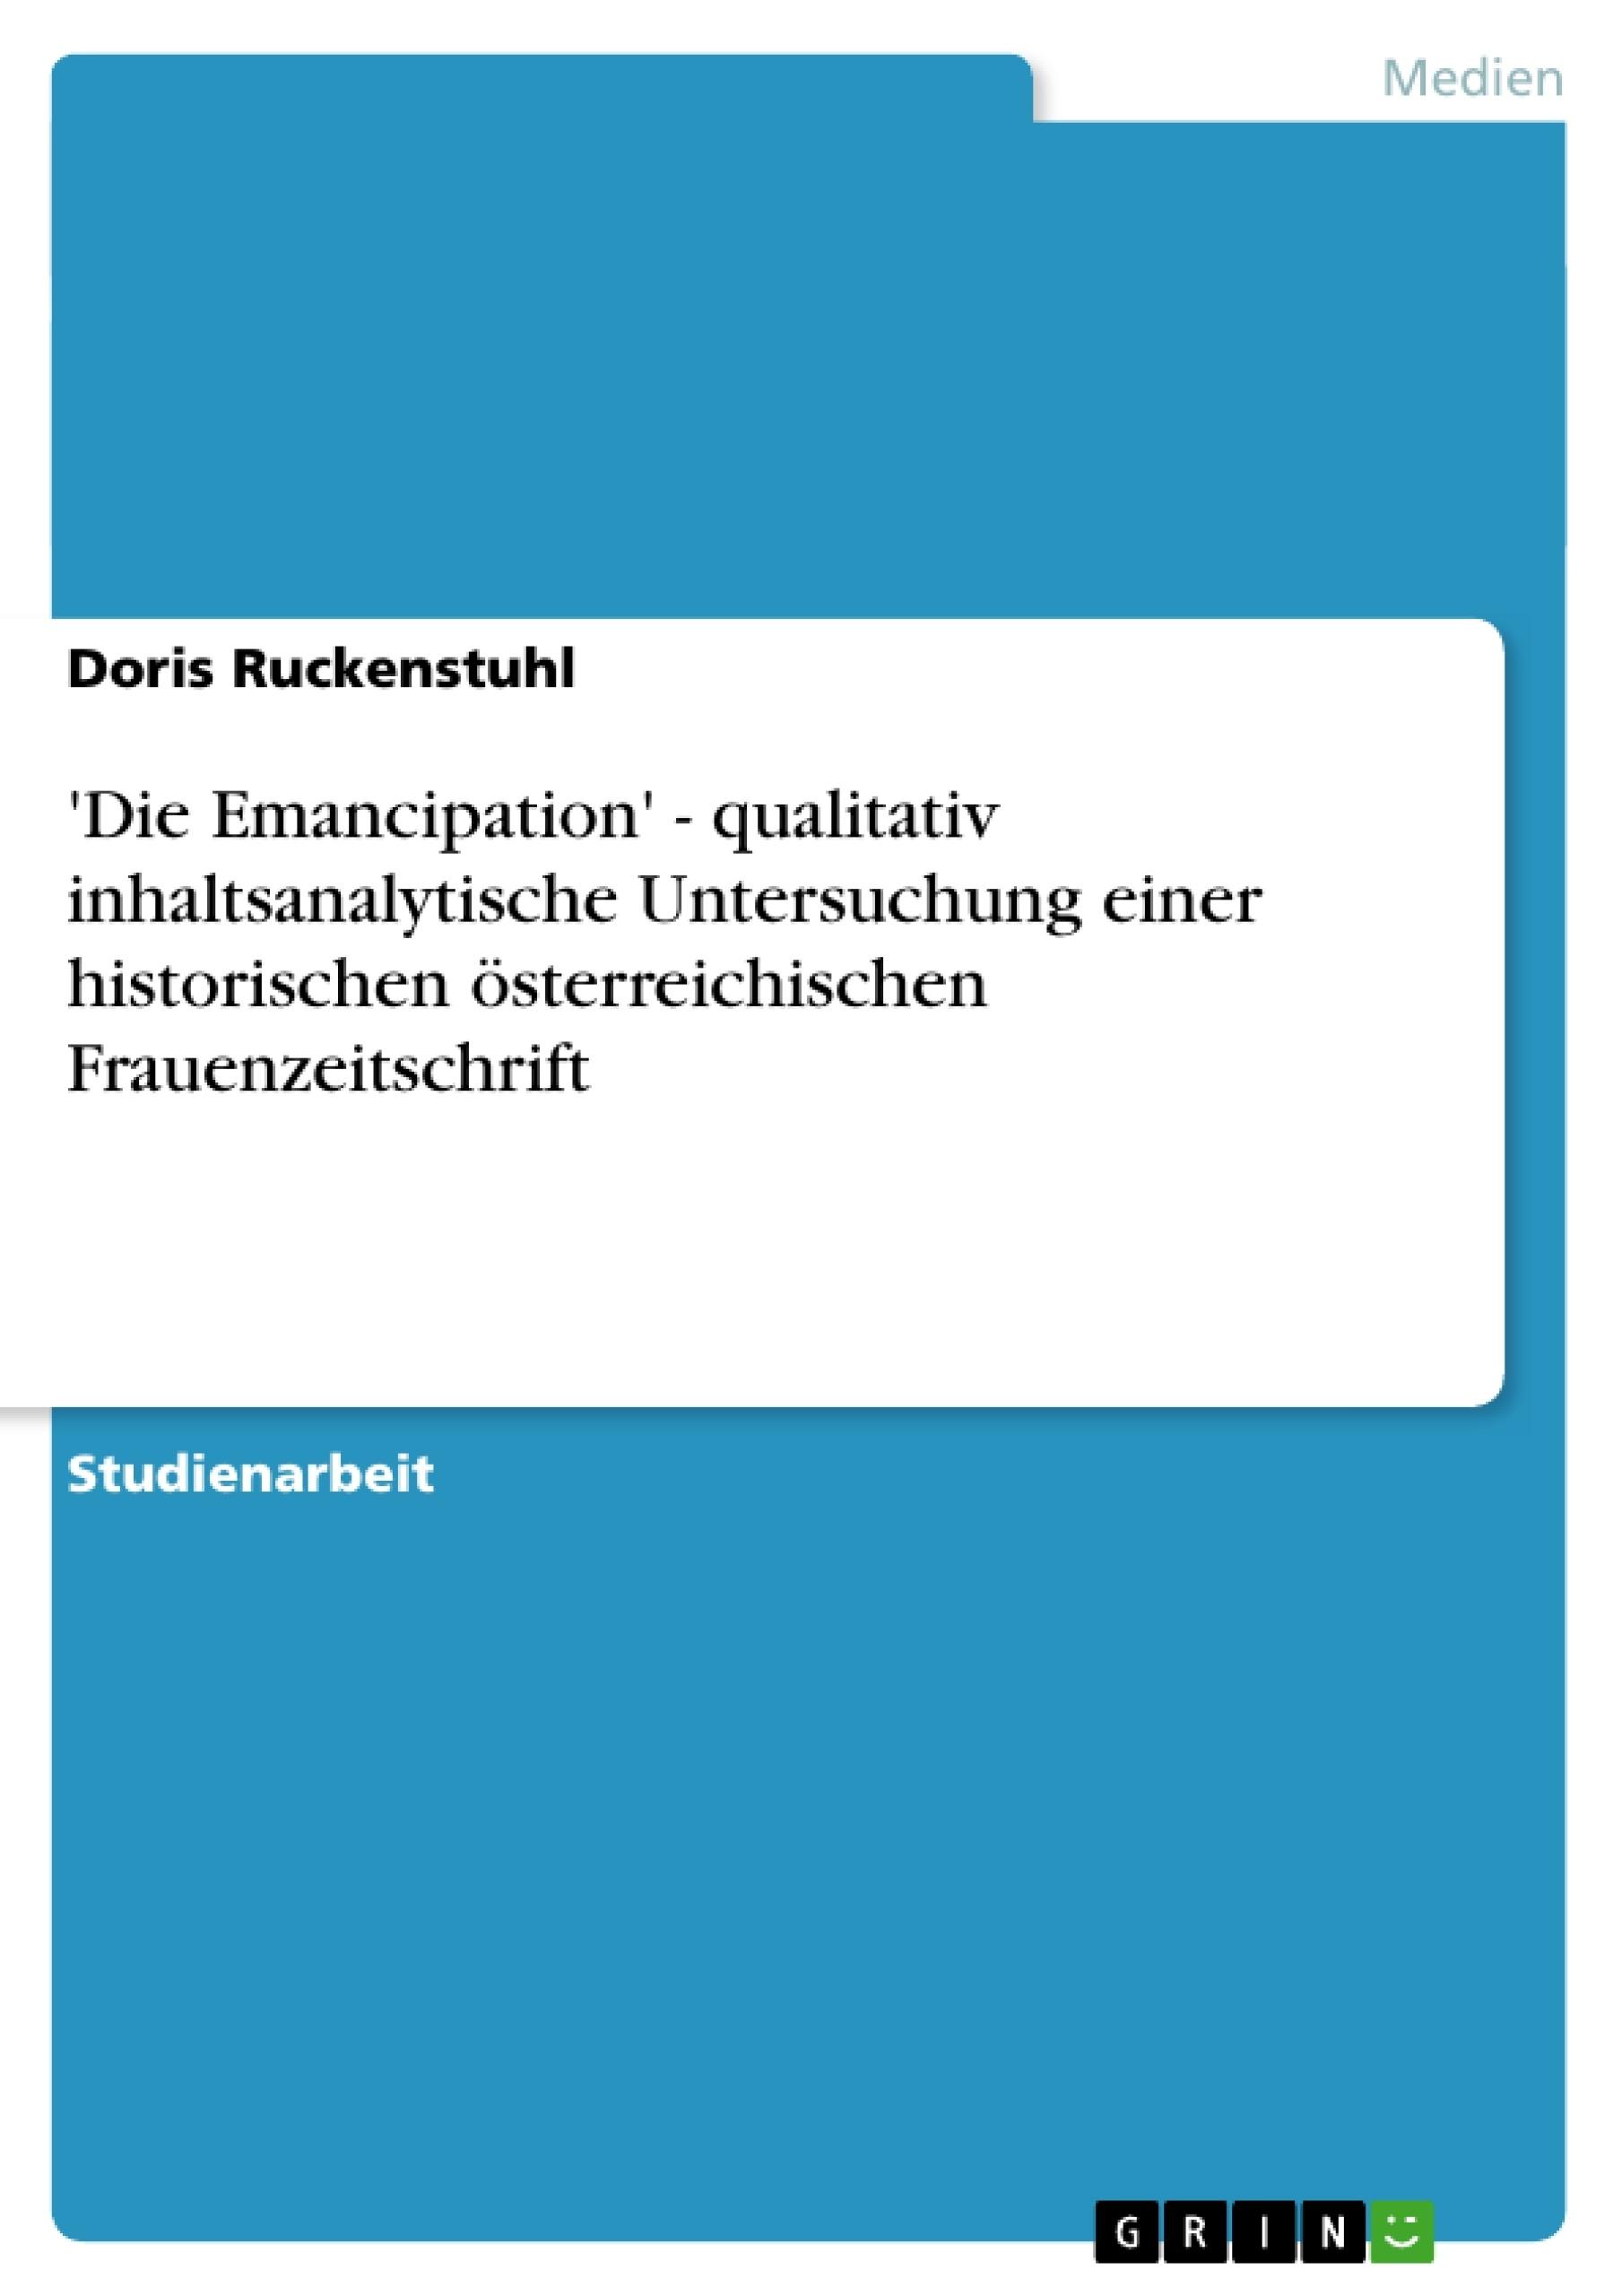 Titel: 'Die Emancipation' - qualitativ inhaltsanalytische Untersuchung einer historischen österreichischen Frauenzeitschrift